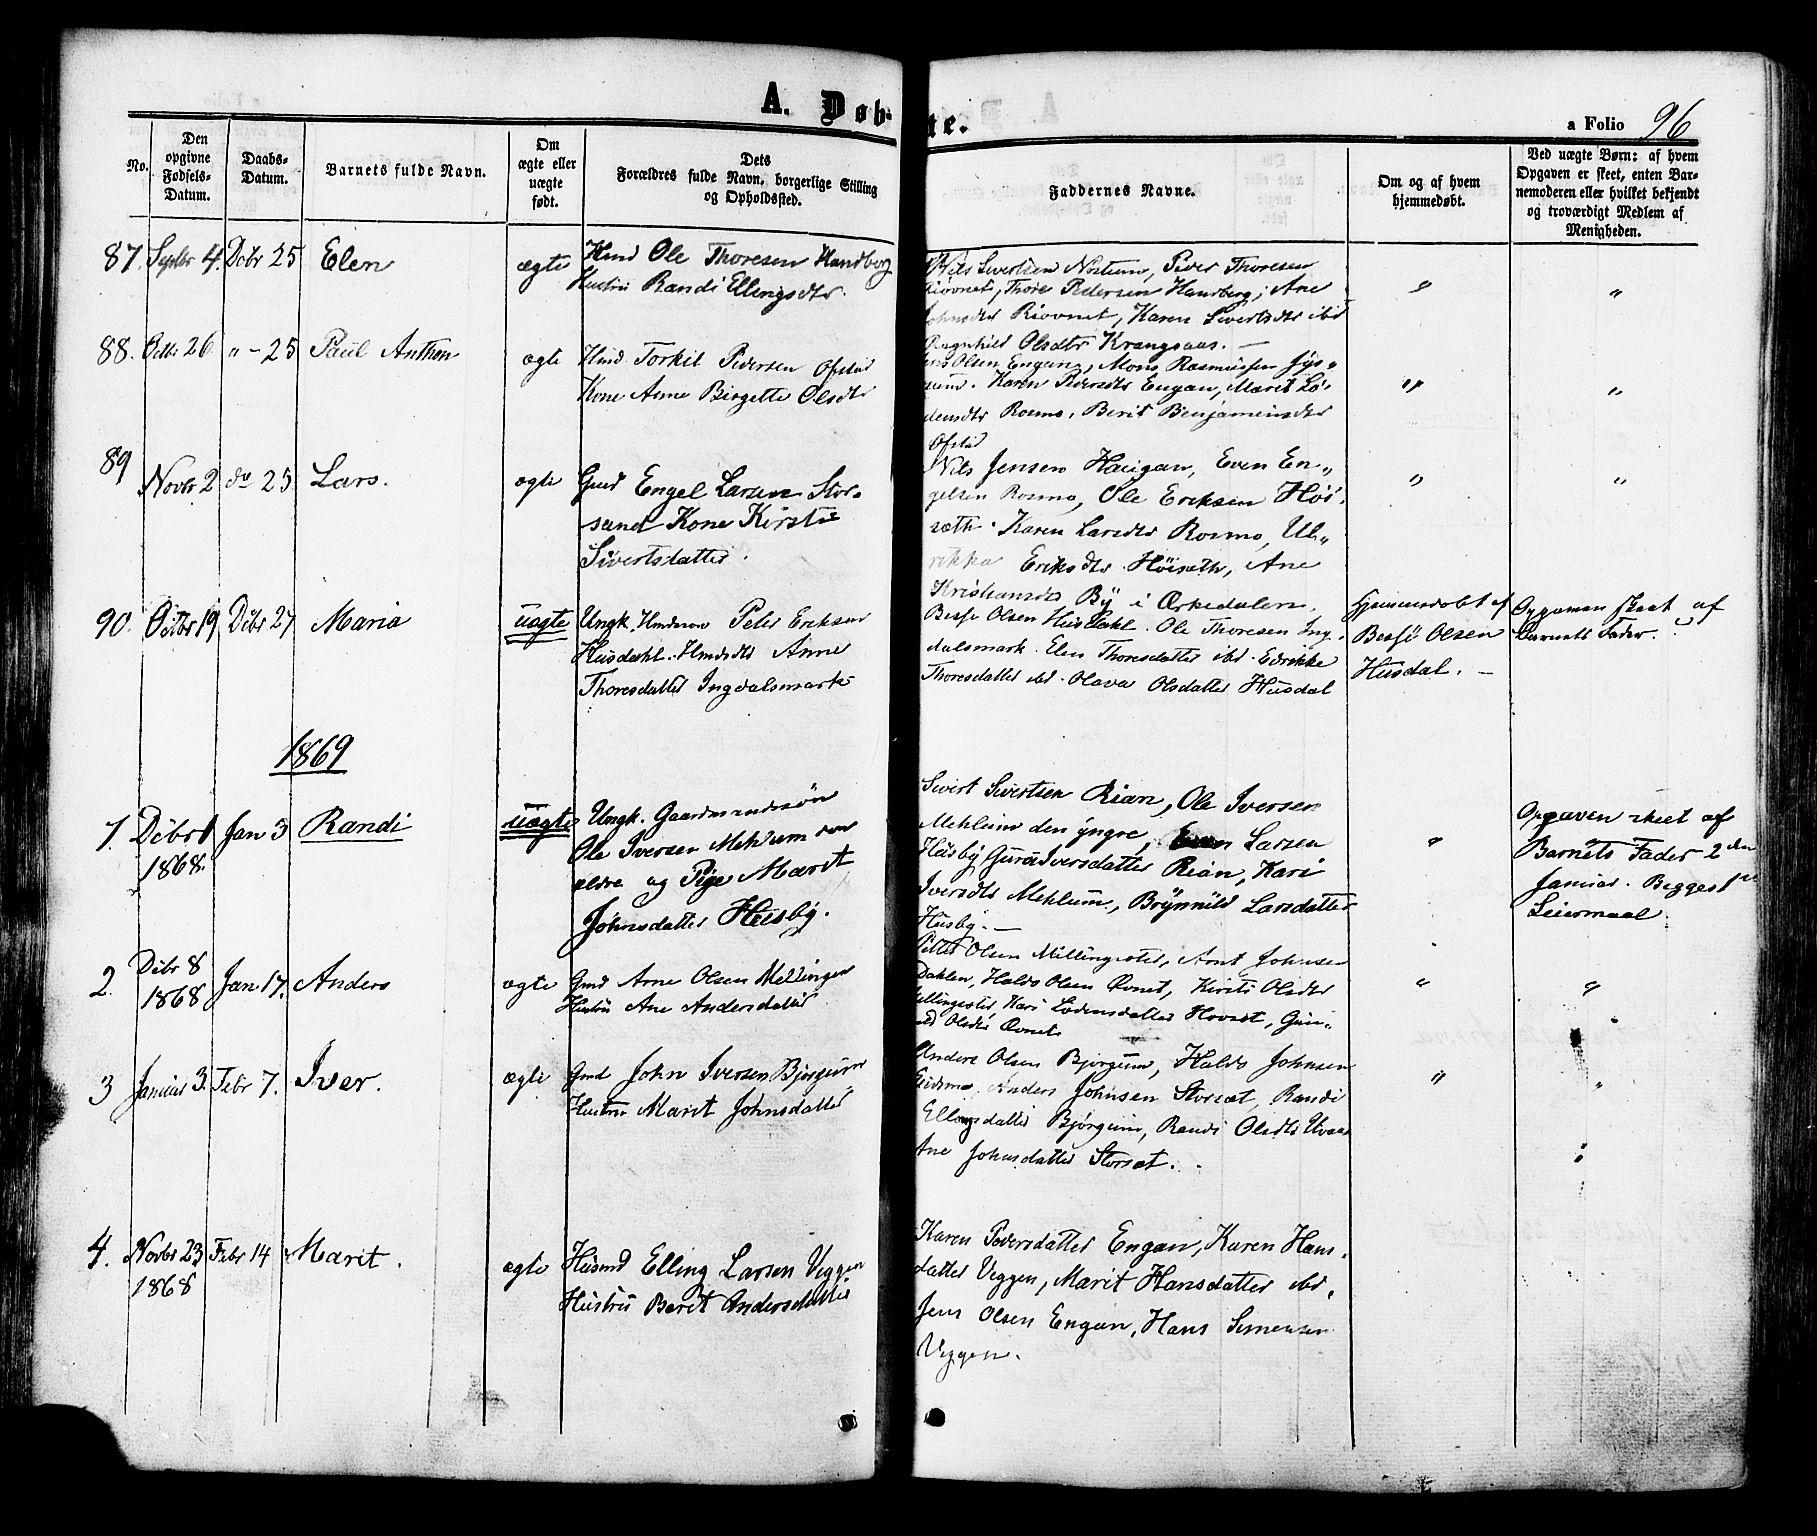 SAT, Ministerialprotokoller, klokkerbøker og fødselsregistre - Sør-Trøndelag, 665/L0772: Ministerialbok nr. 665A07, 1856-1878, s. 96